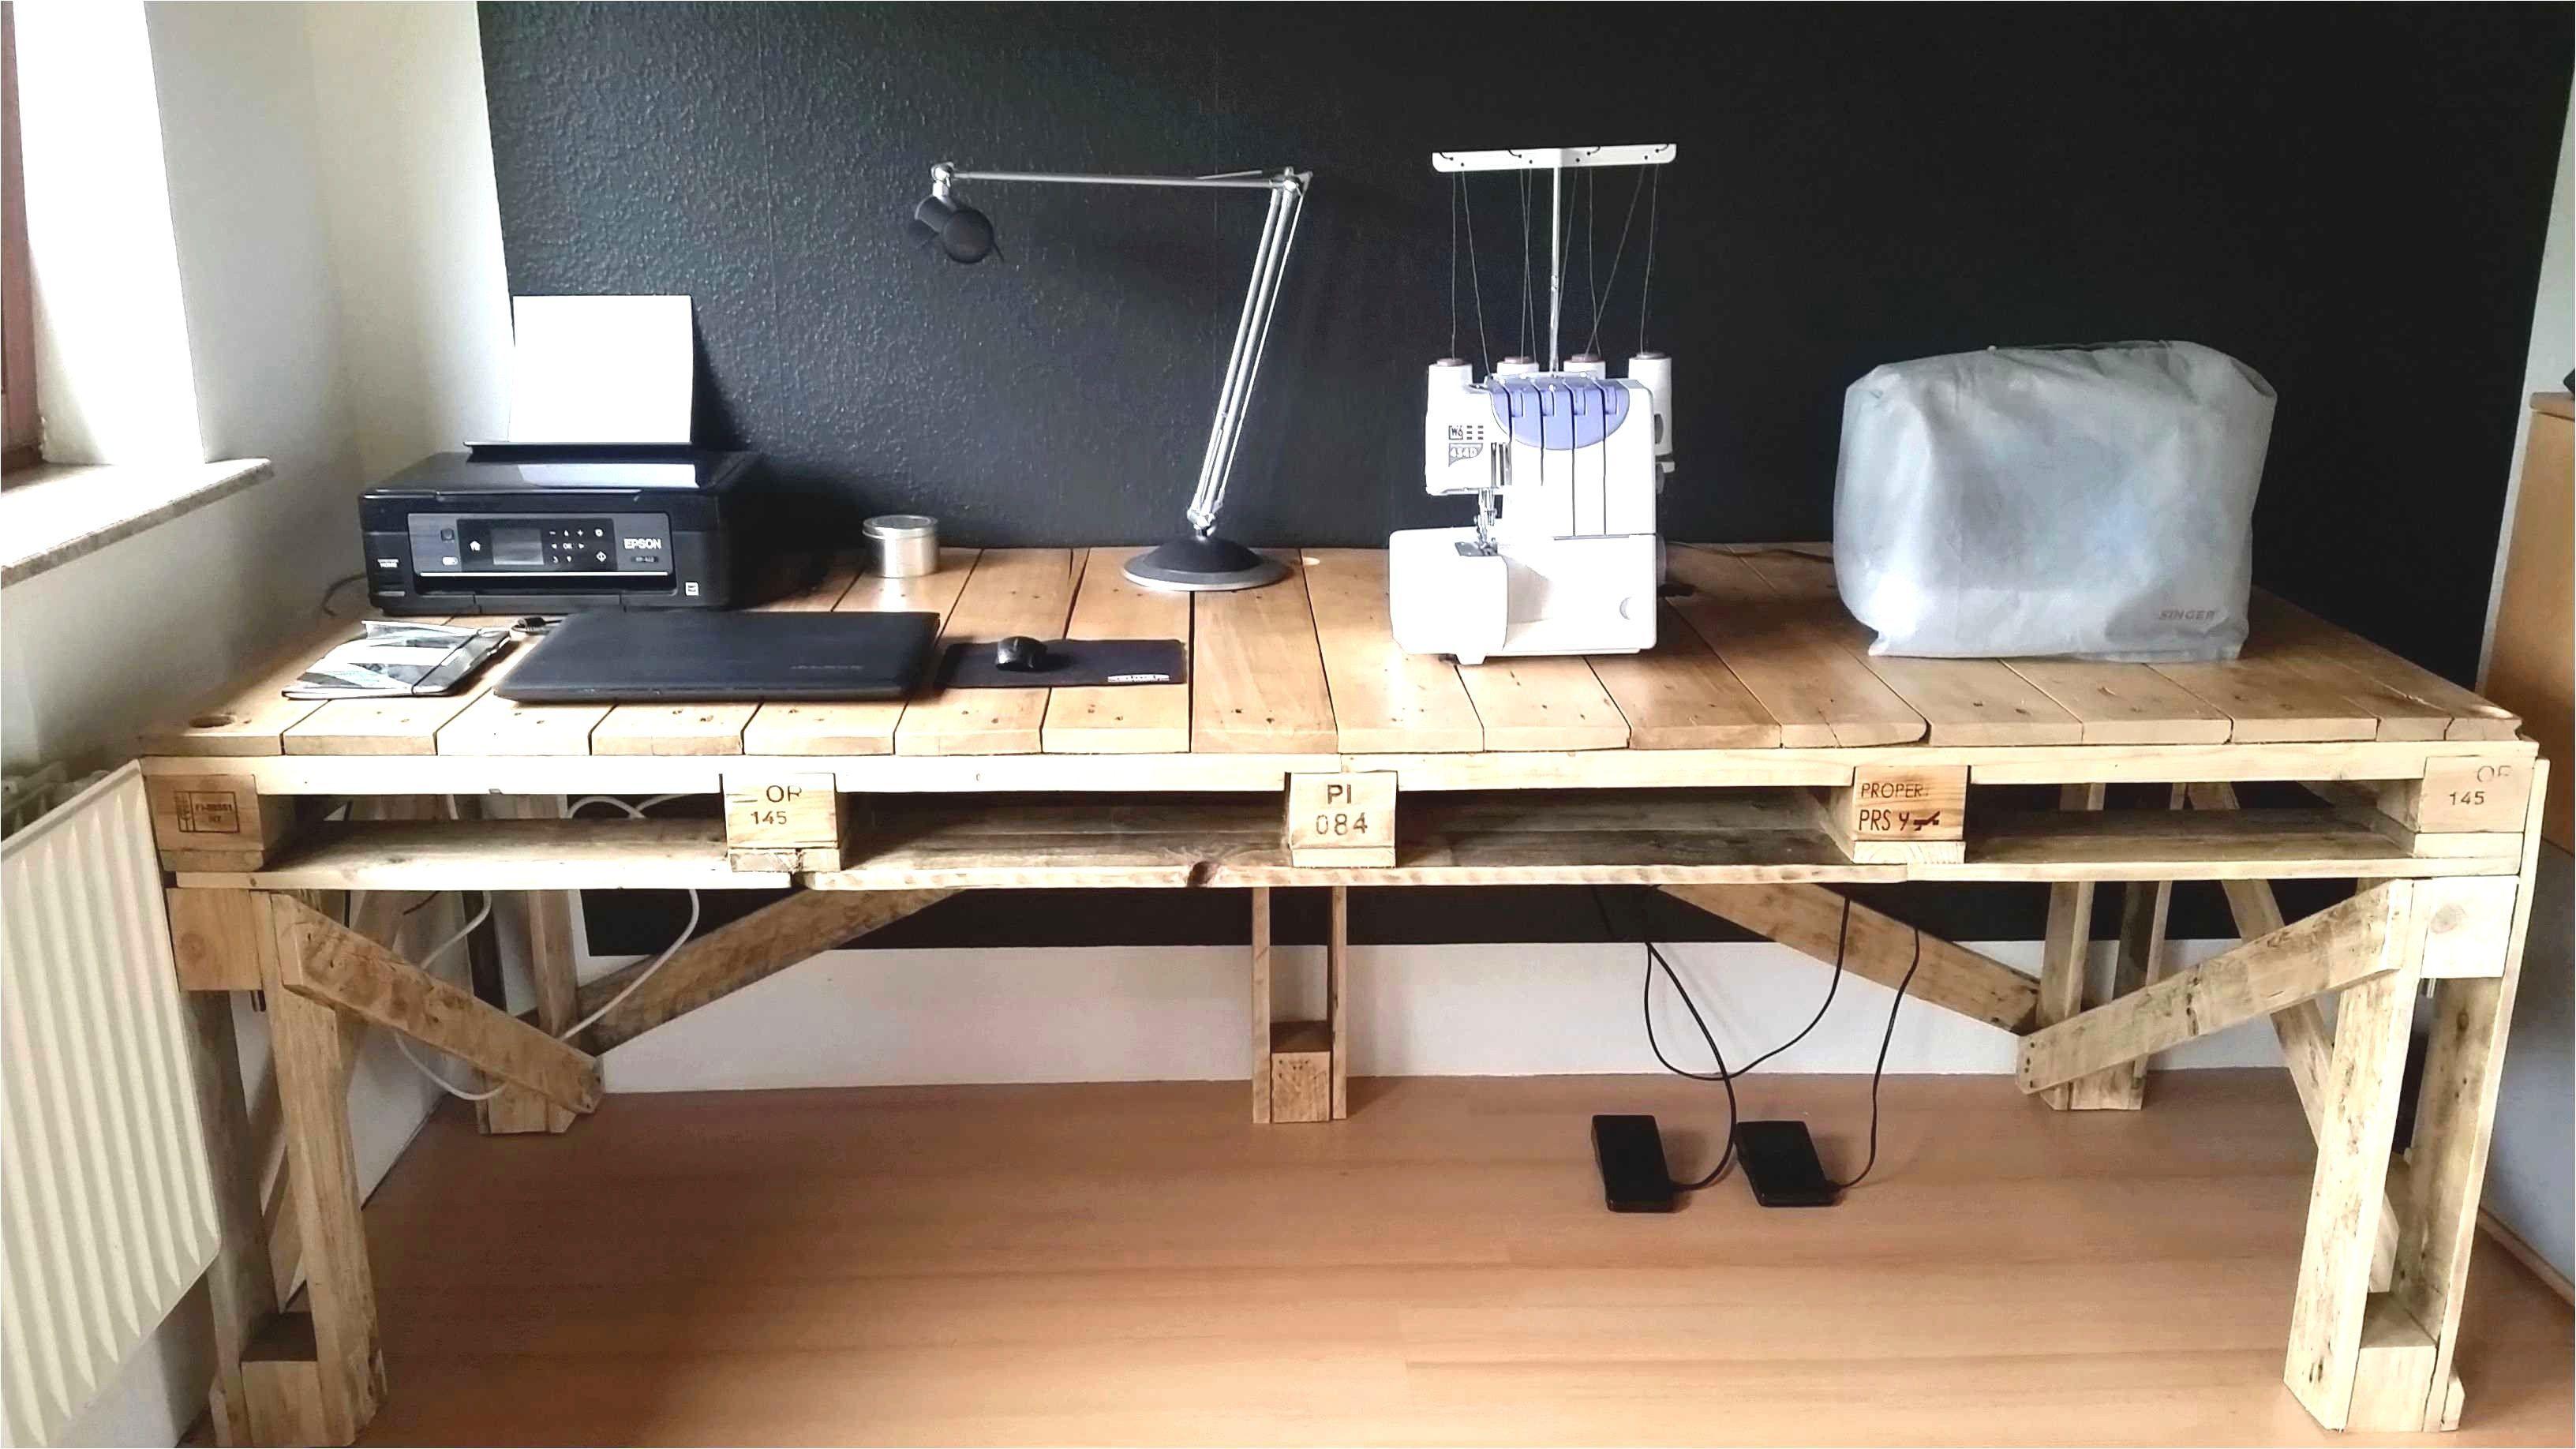 Schreibtisch Selber Bauen Arbeitsplatte My Blog Schreibtisch Aus Paletten Schreibtisch Selber Bauen Diy Mobel Schreibtisch